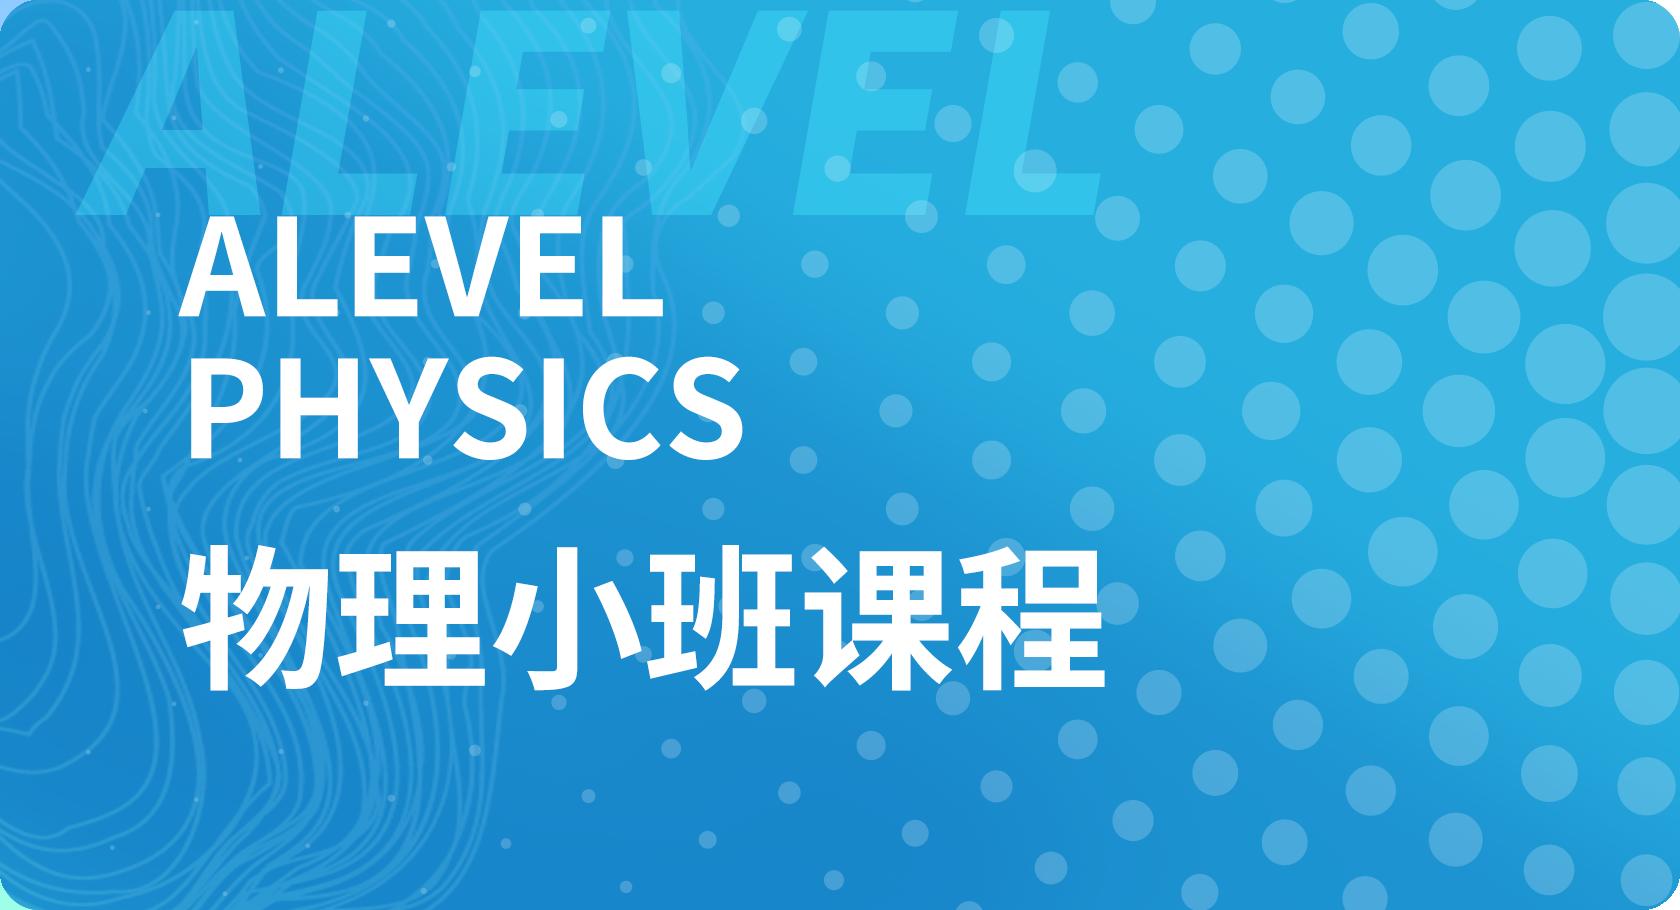 Alevel物理小班课程